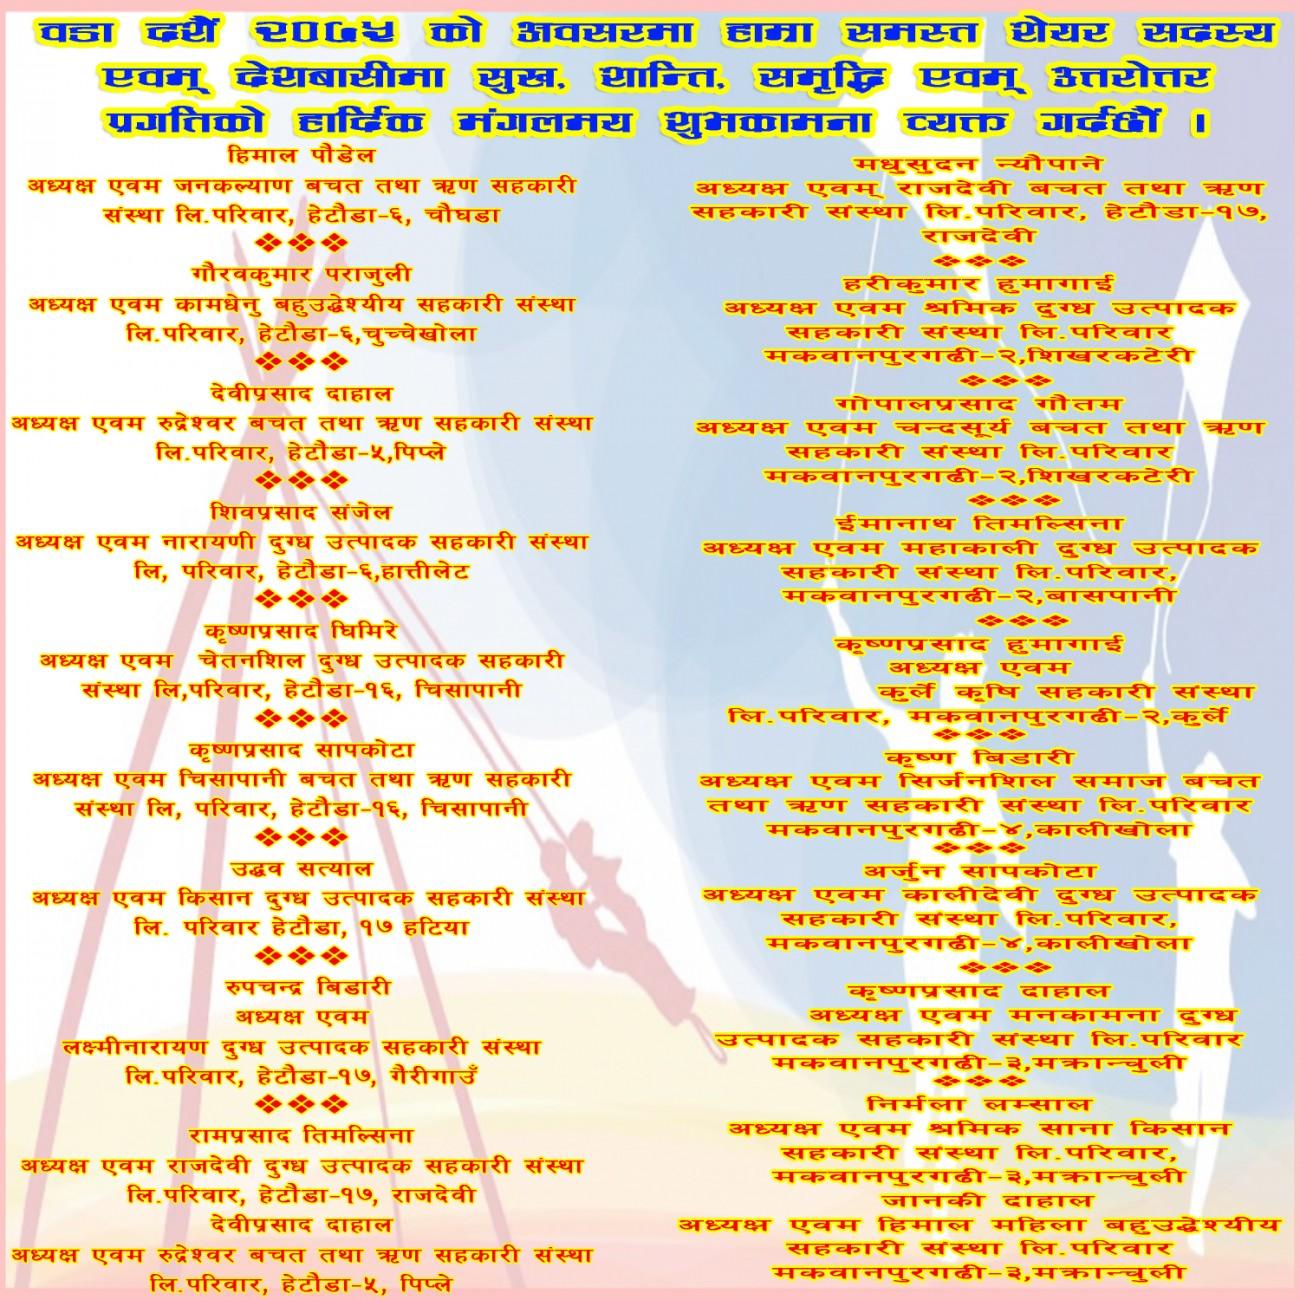 Dashain2-1539843768.jpg